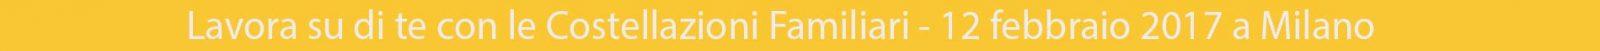 costellazioni-familiari-enrico-gamba